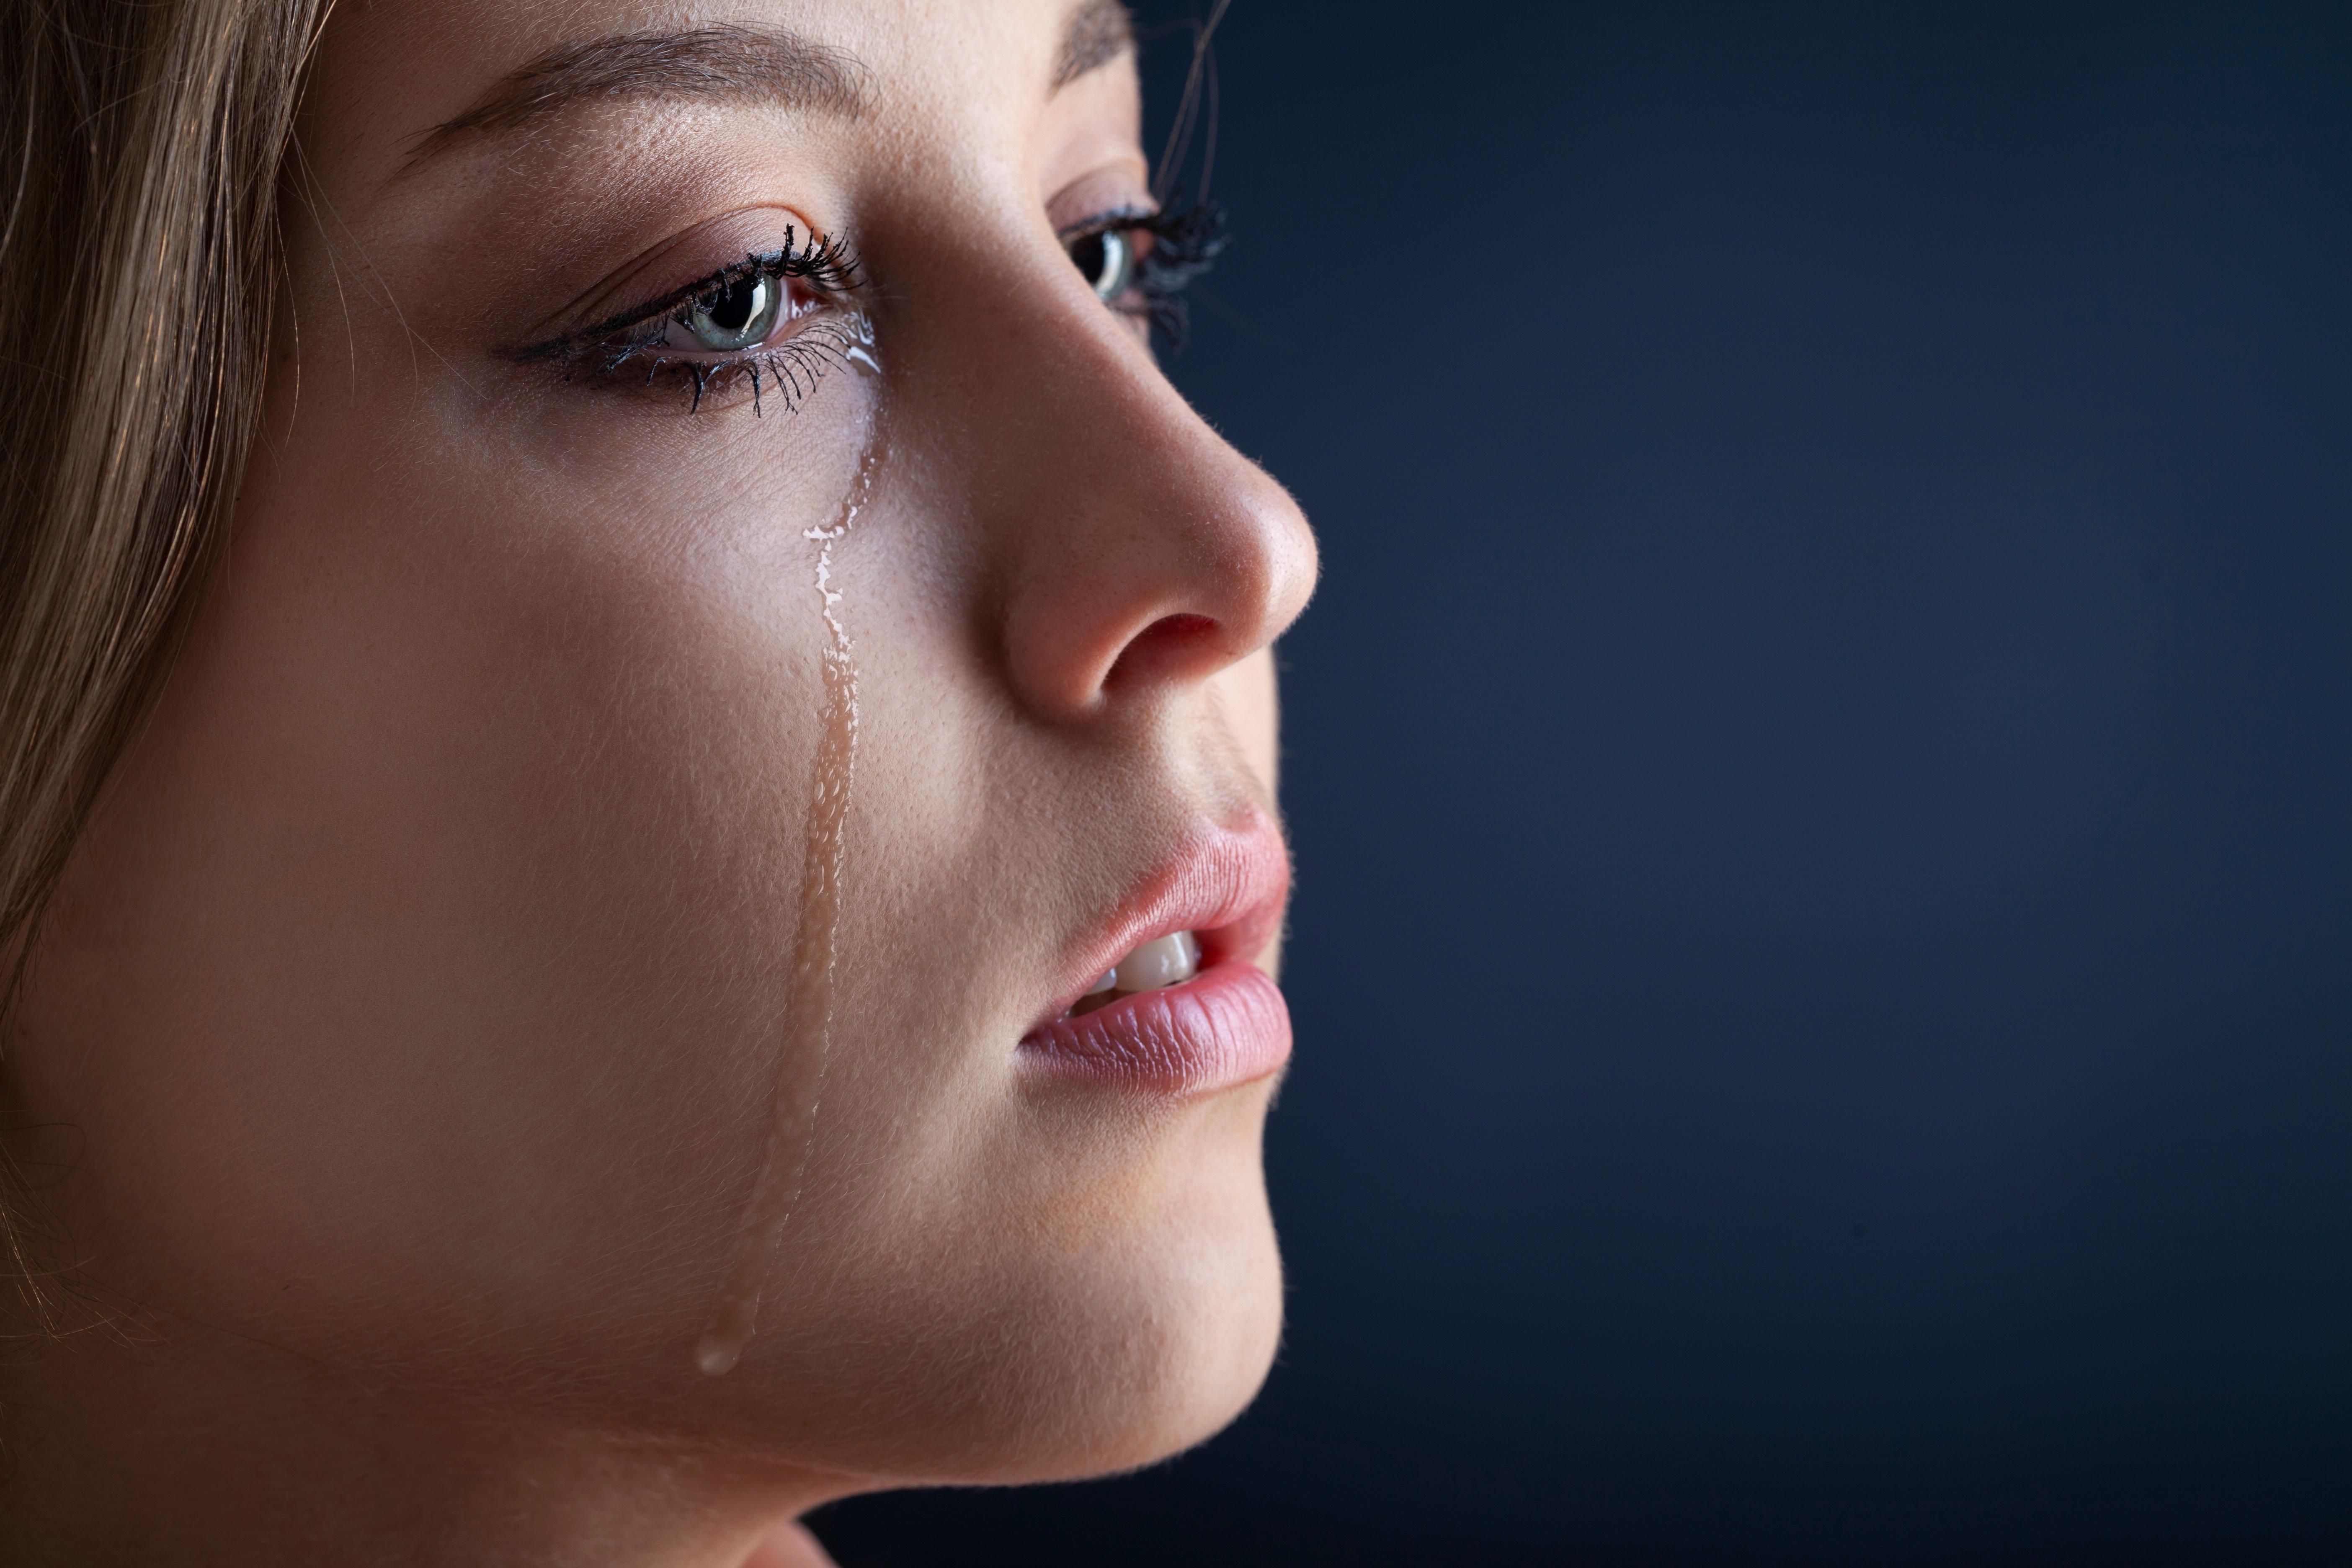 泣き虫を治す方法とは?すぐ泣いてしまう大人の泣き虫を治したい!